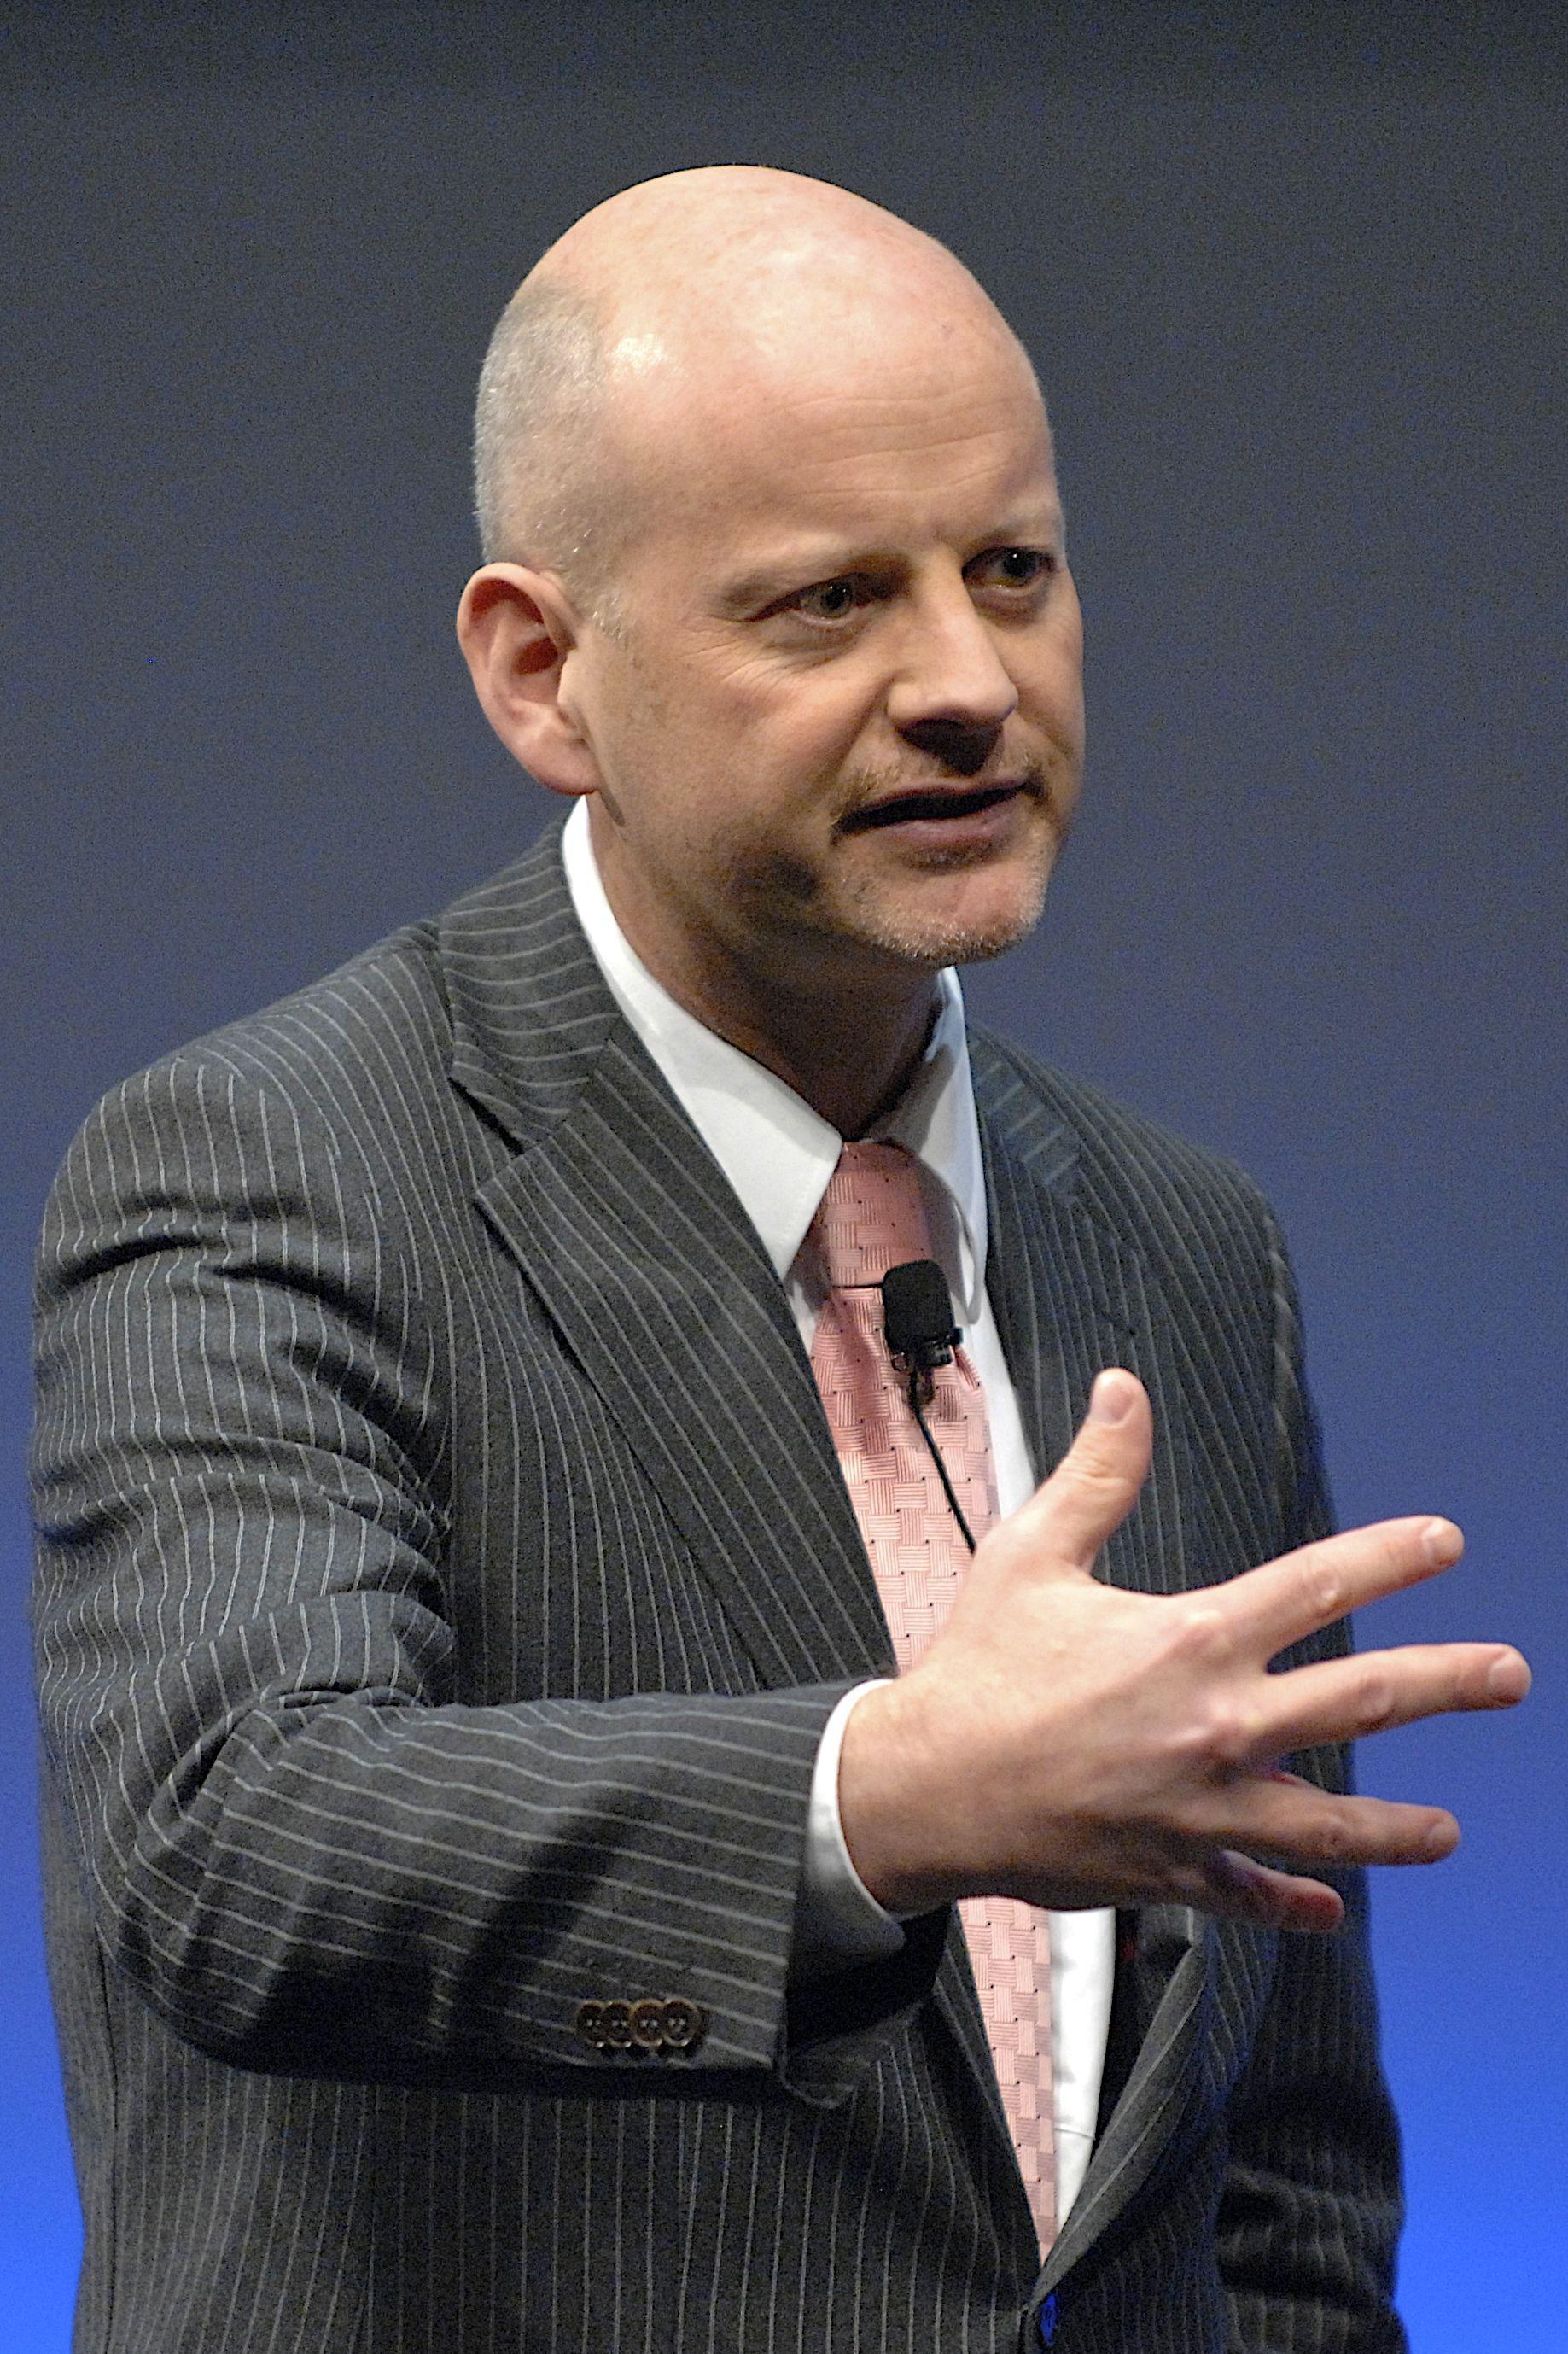 Stefan Bierling